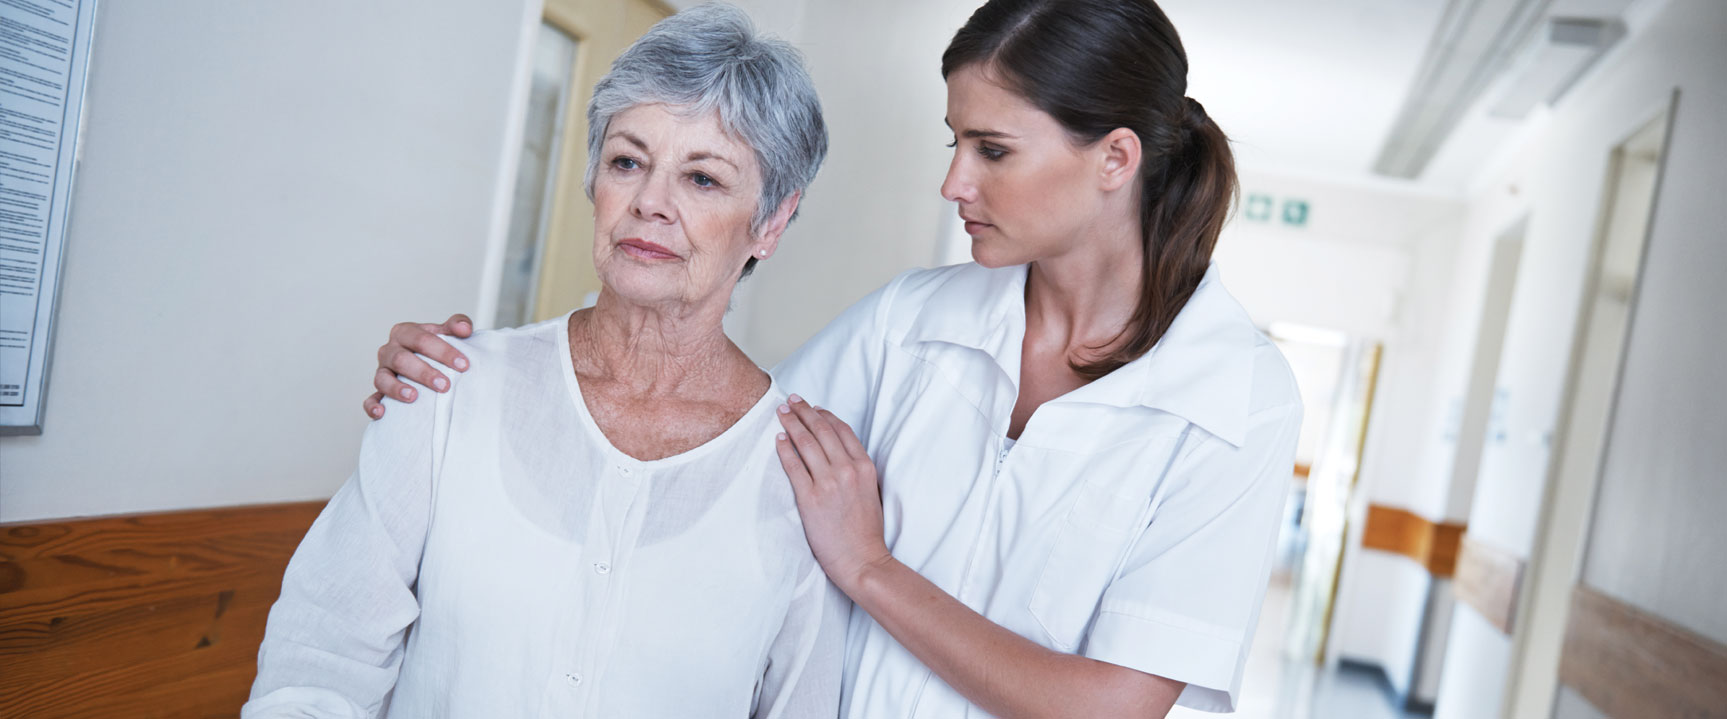 adult flight risk adult patient patient security